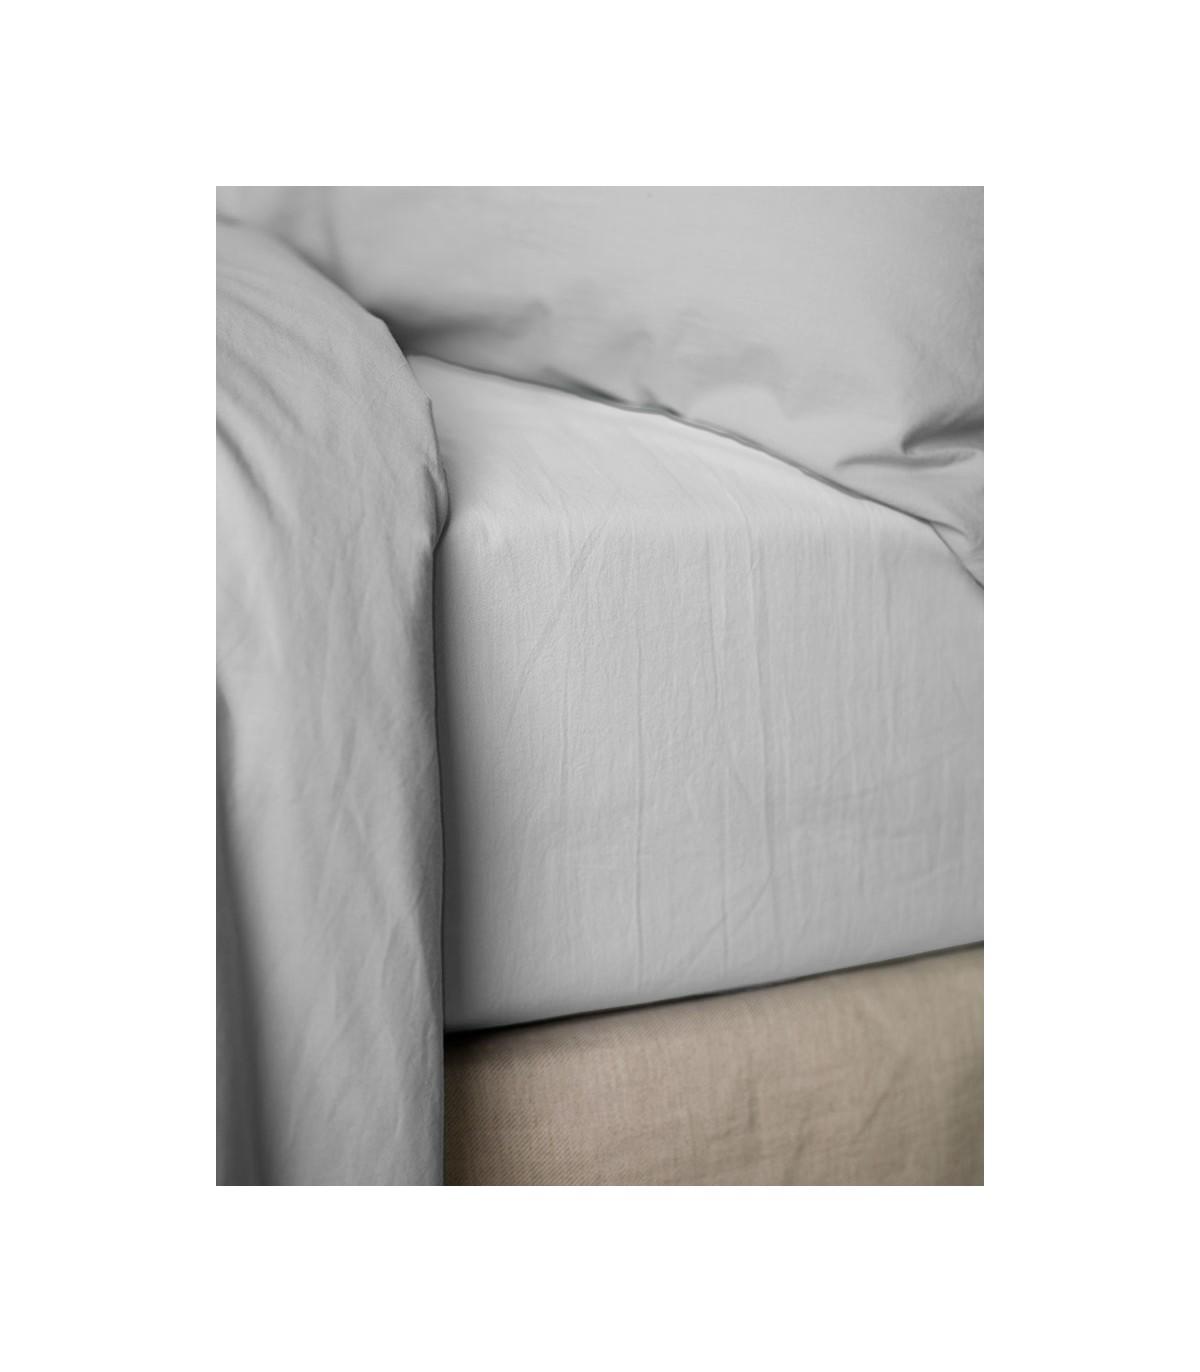 Drap housse   Percale de coton   Blanc   My little Bed